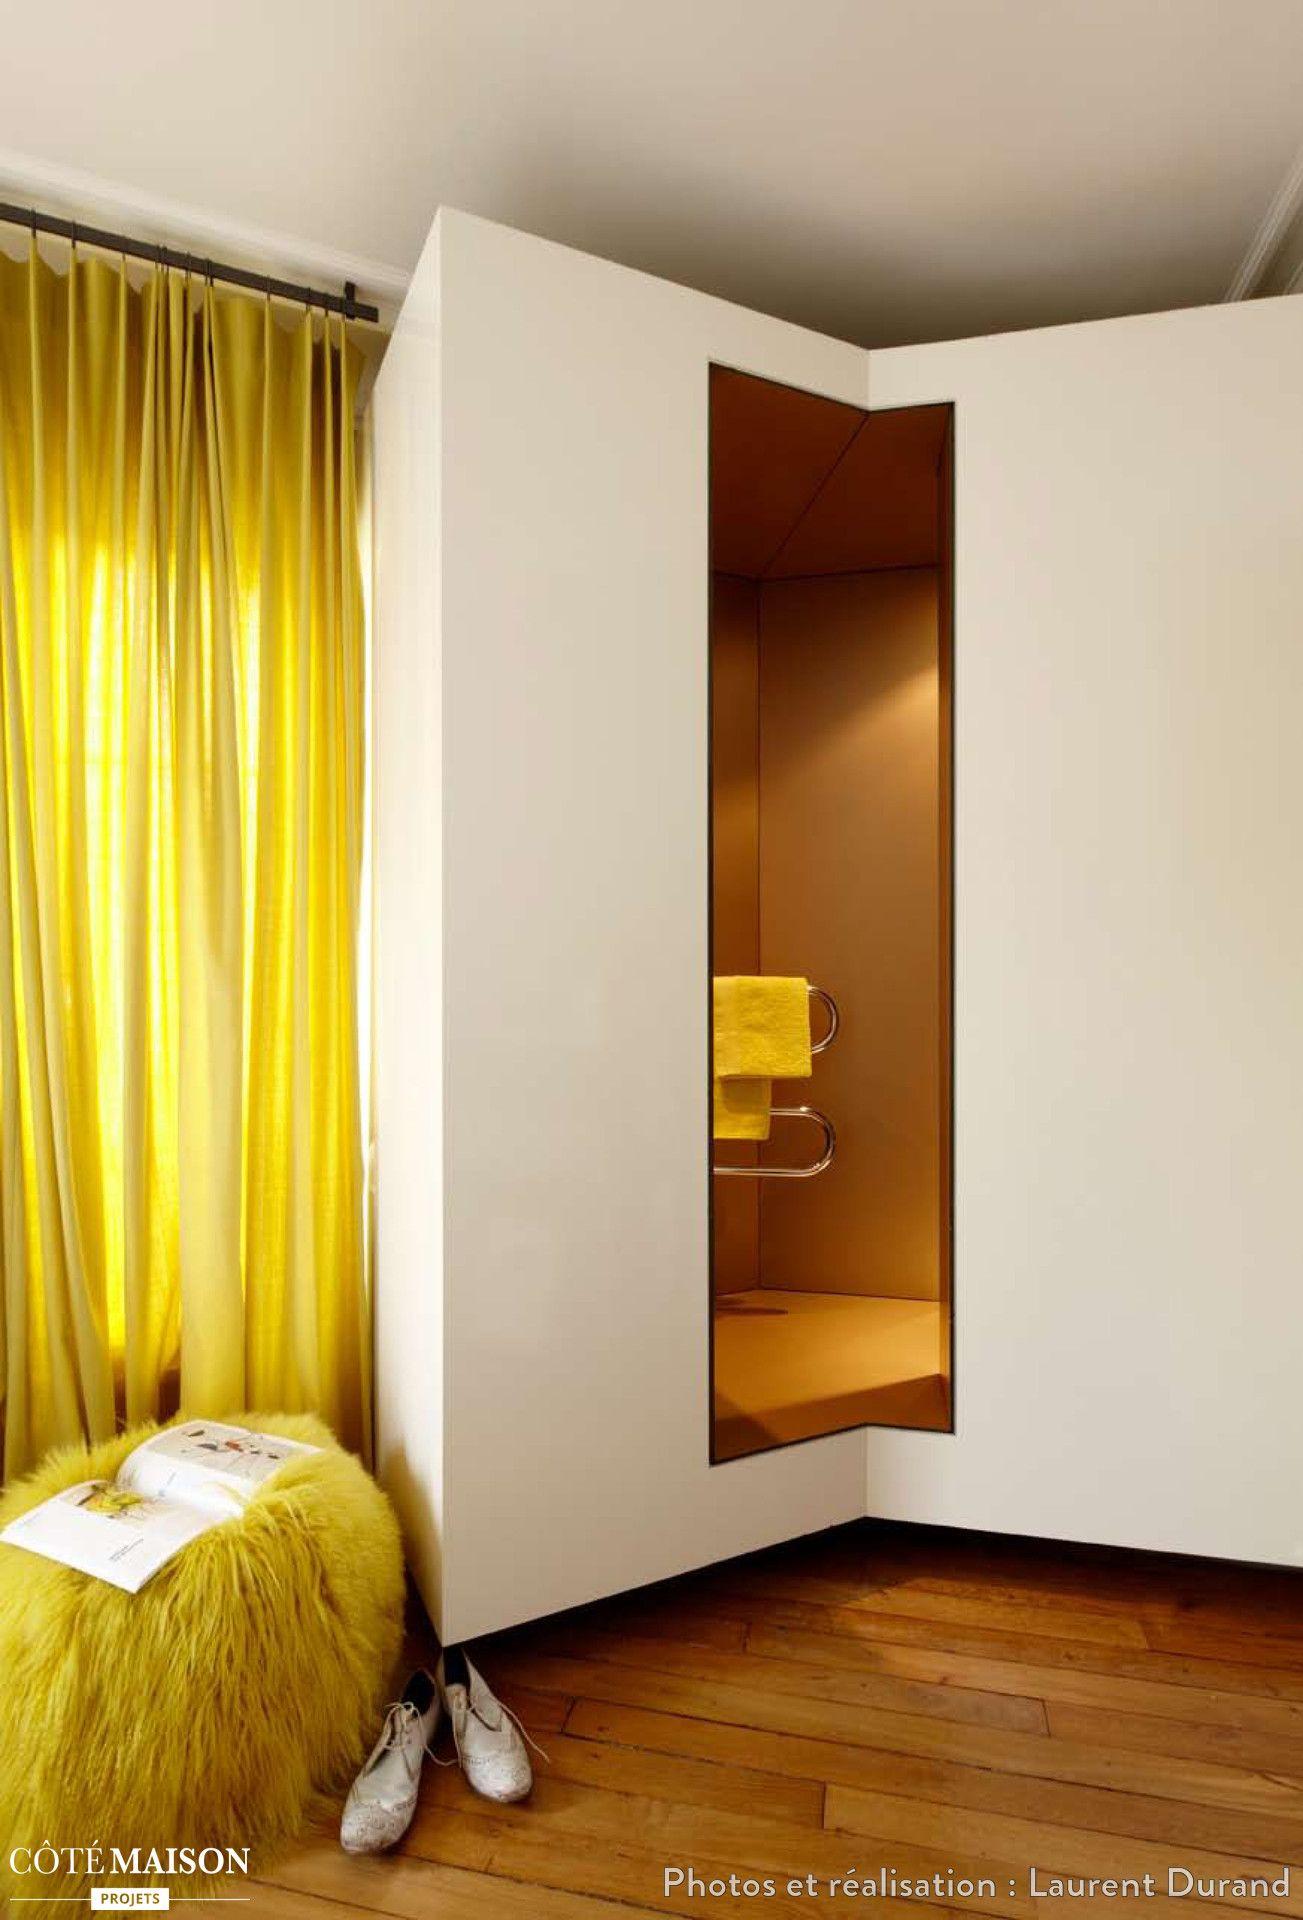 une couleur p tante tel que le jaune dans un couloir peut. Black Bedroom Furniture Sets. Home Design Ideas